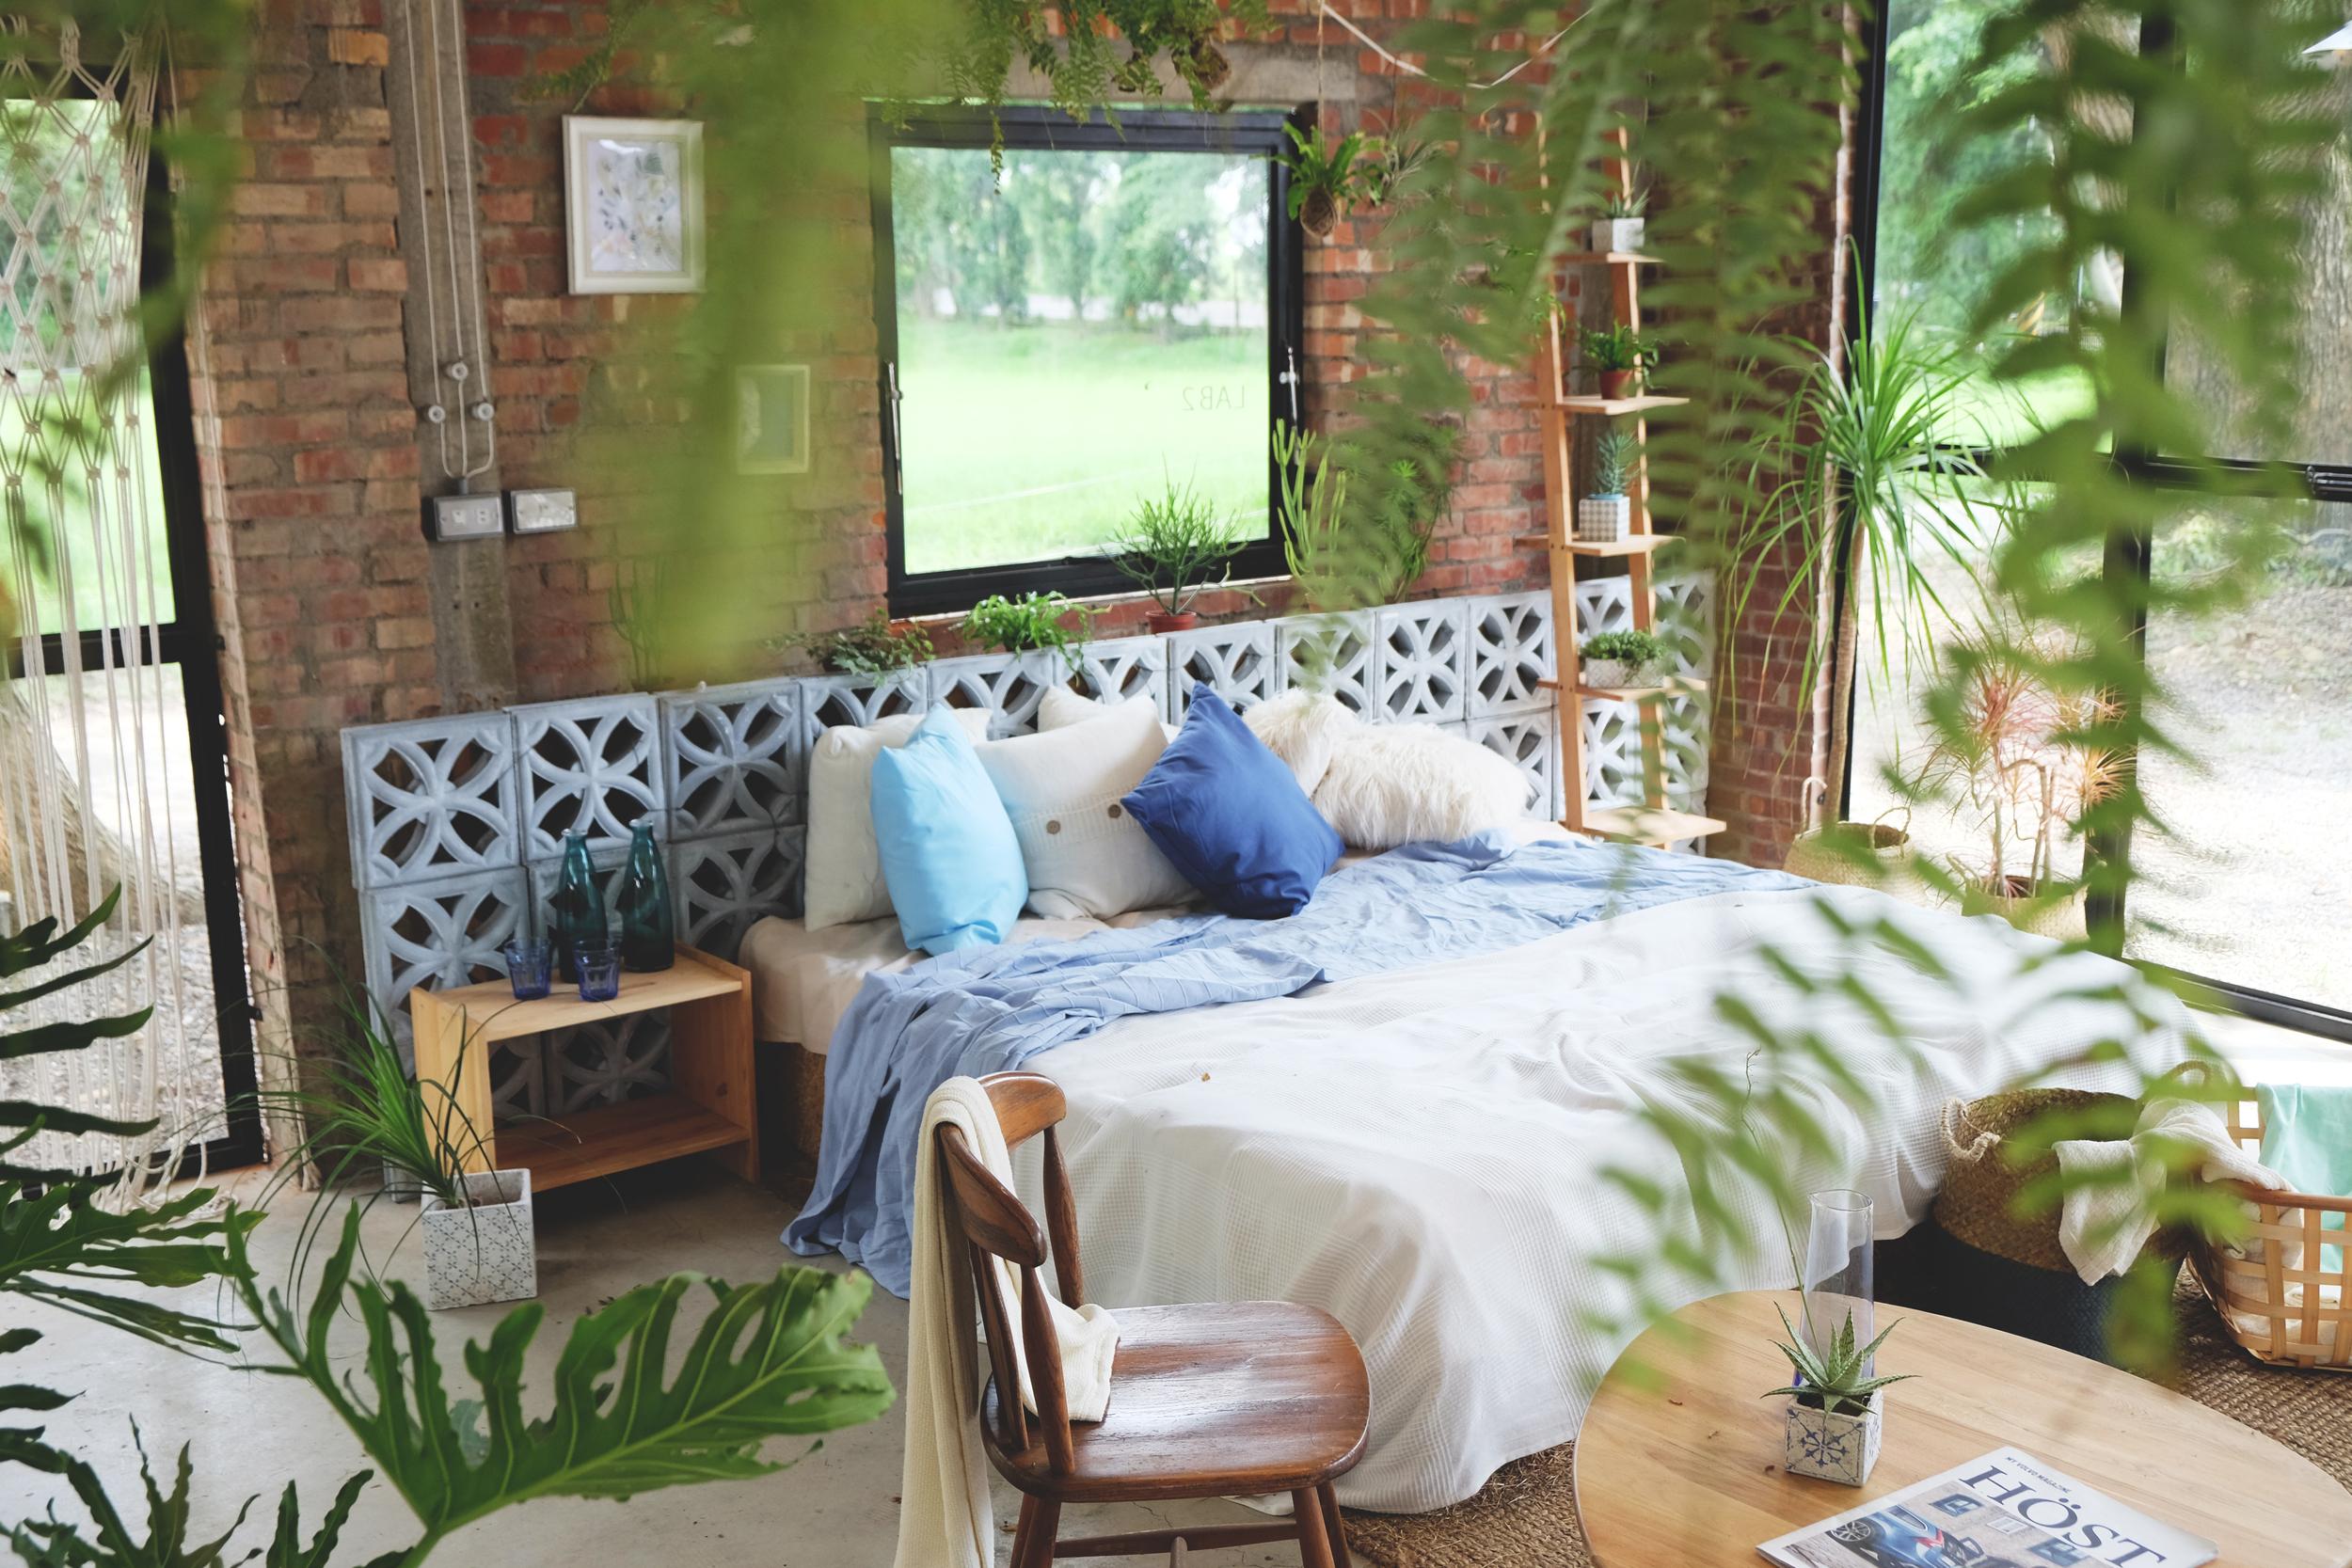 巧妙運用了上一季的花格磚為床頭櫃,是臥室裡獨特的焦點。